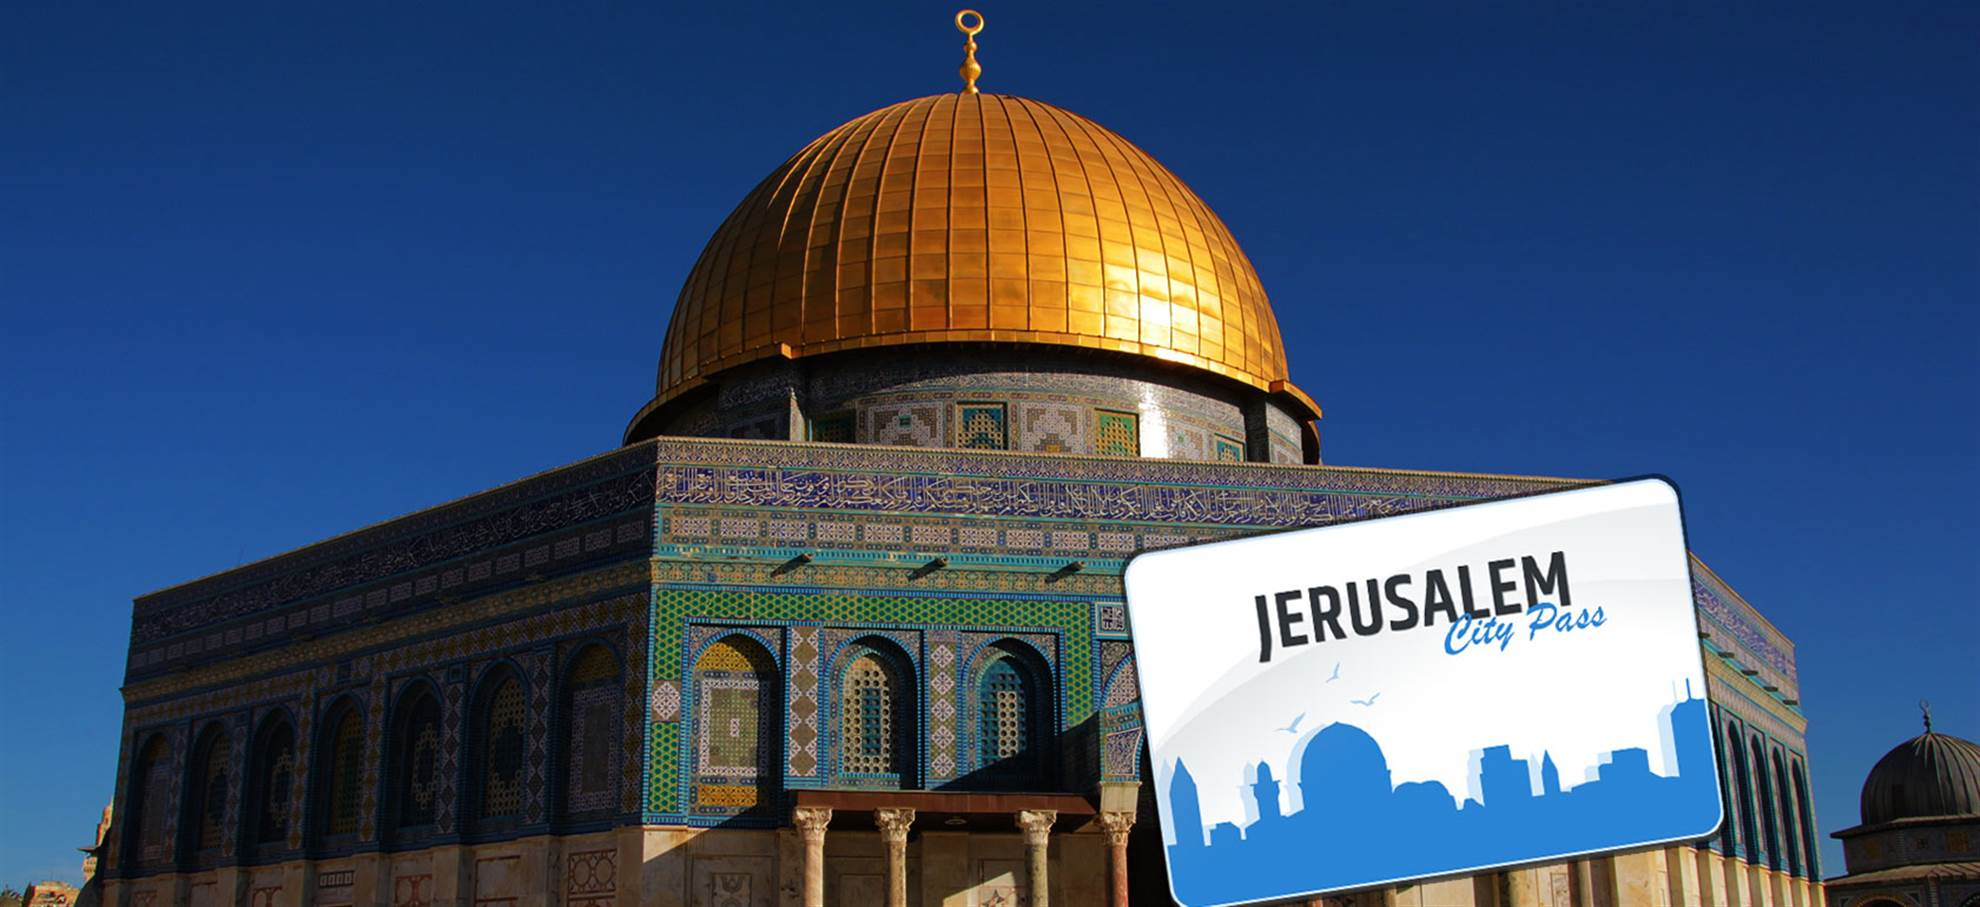 Jerusalem city pass